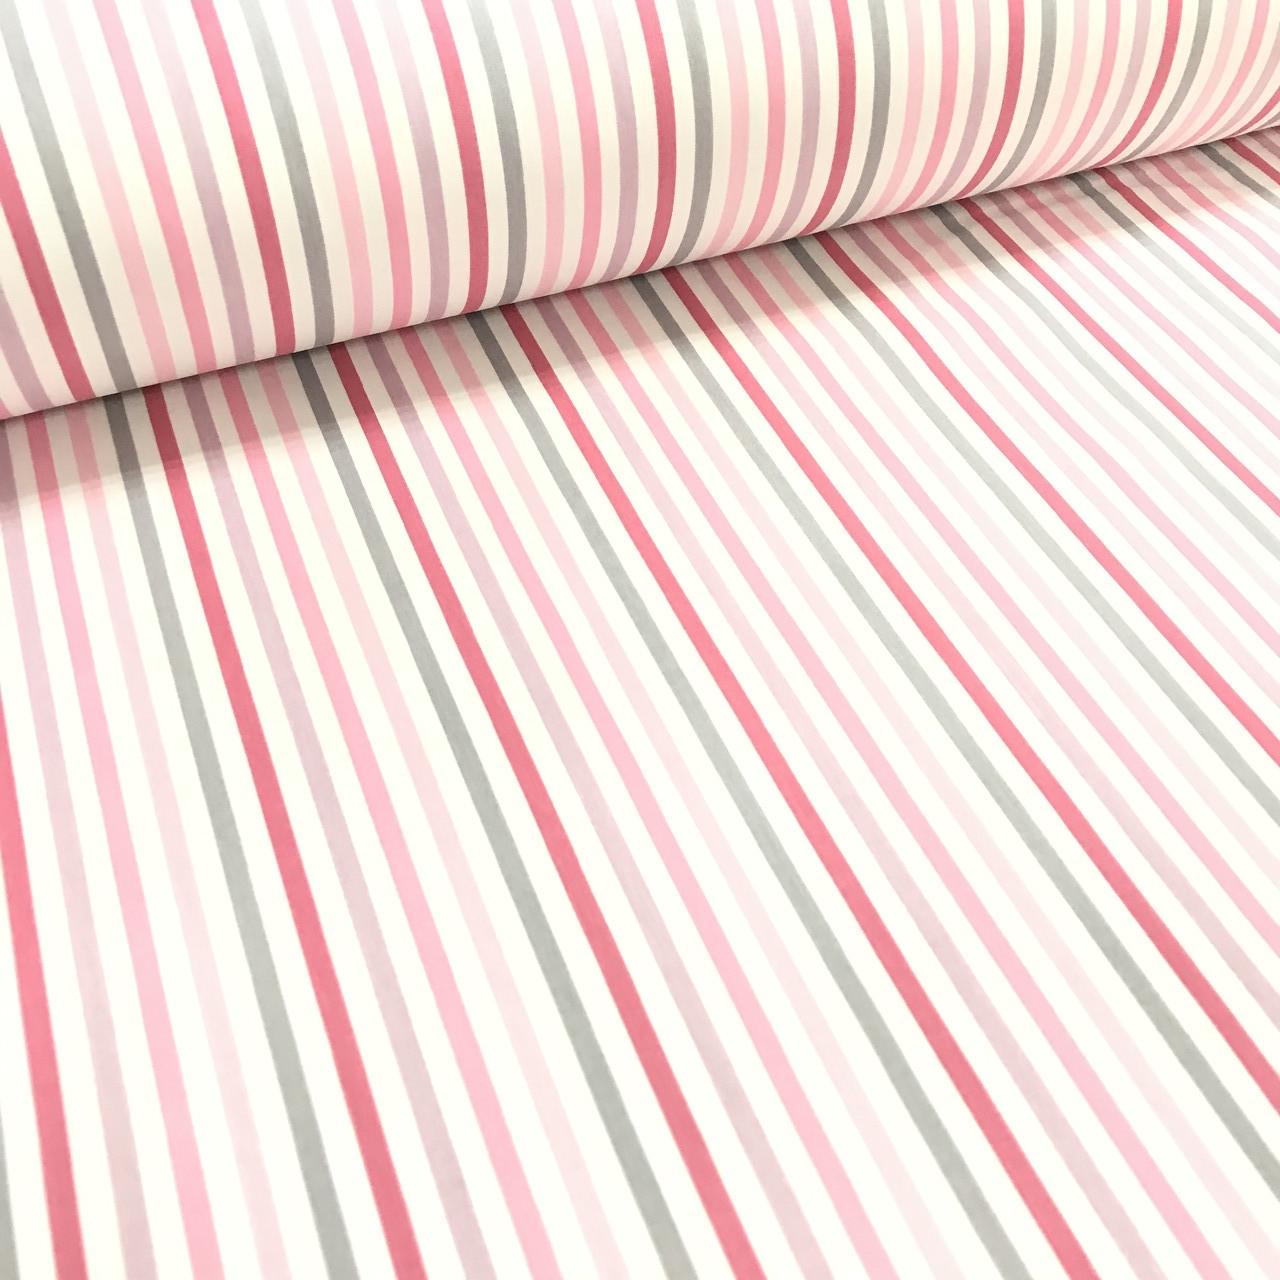 Ткань поплин полоска мелкая серо-розовая (ТУРЦИЯ шир. 2,4 м)